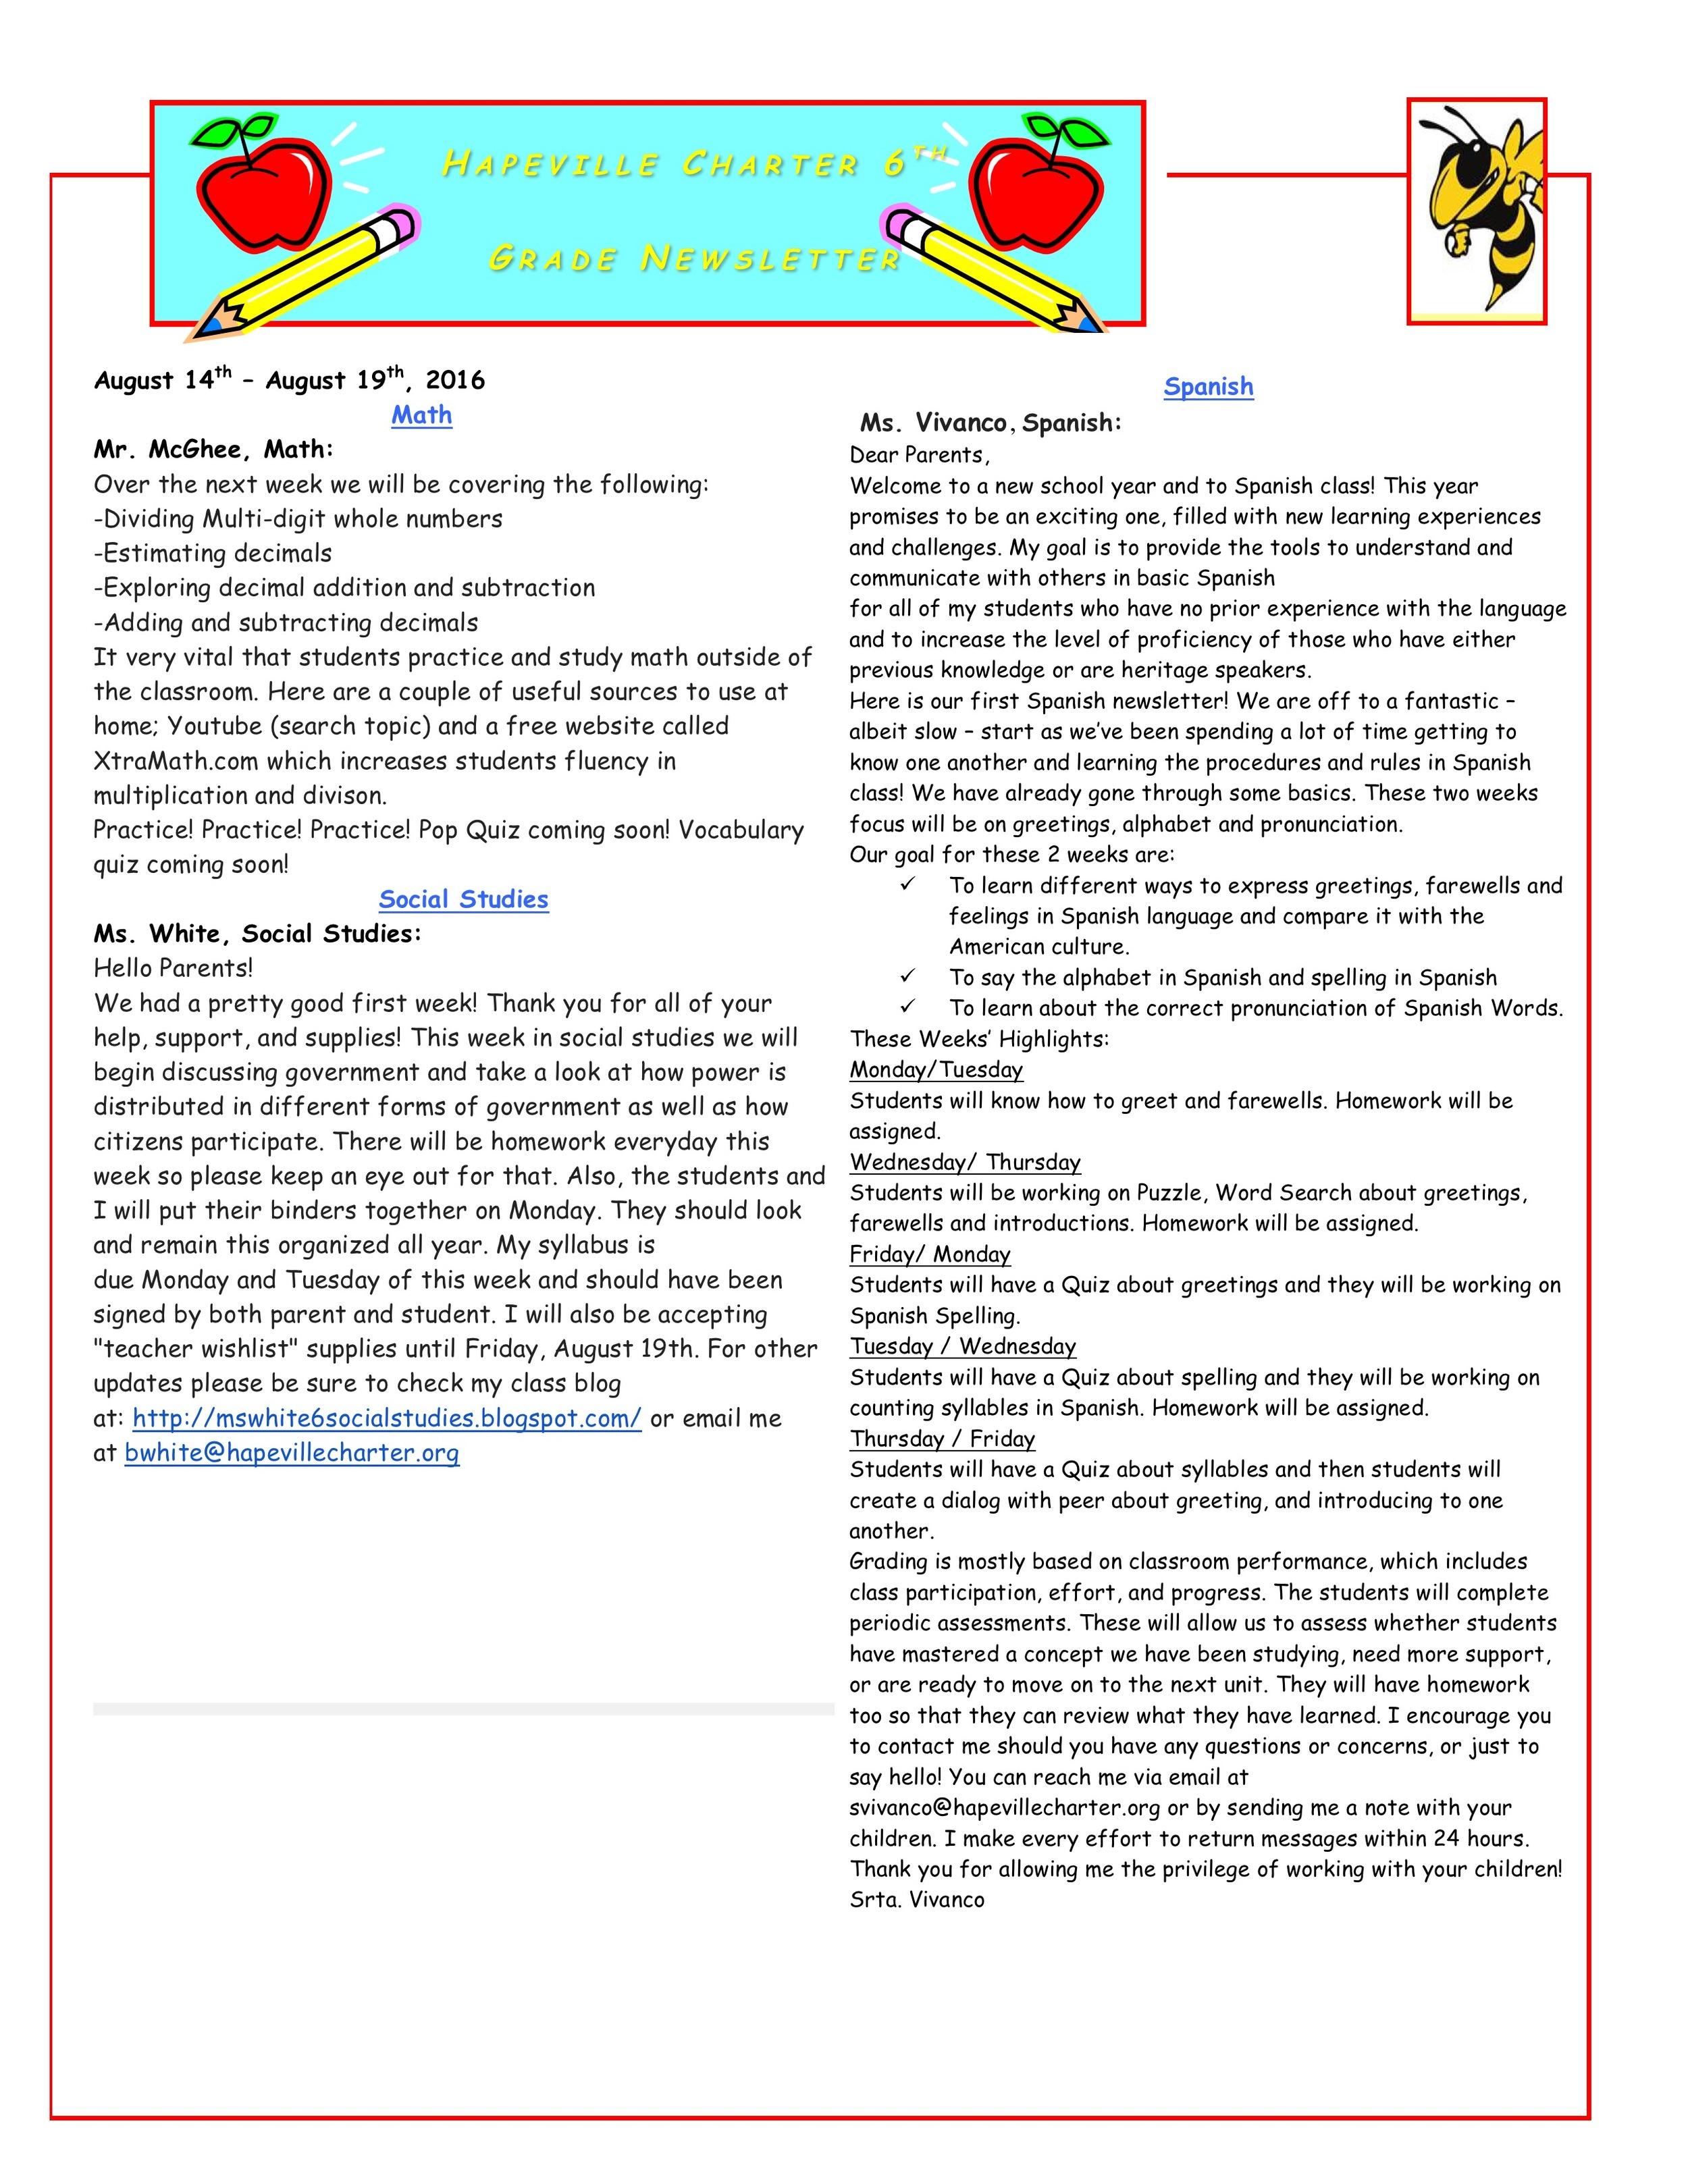 Newsletter Image6th Grade Newsletter 8-15-2016.jpeg